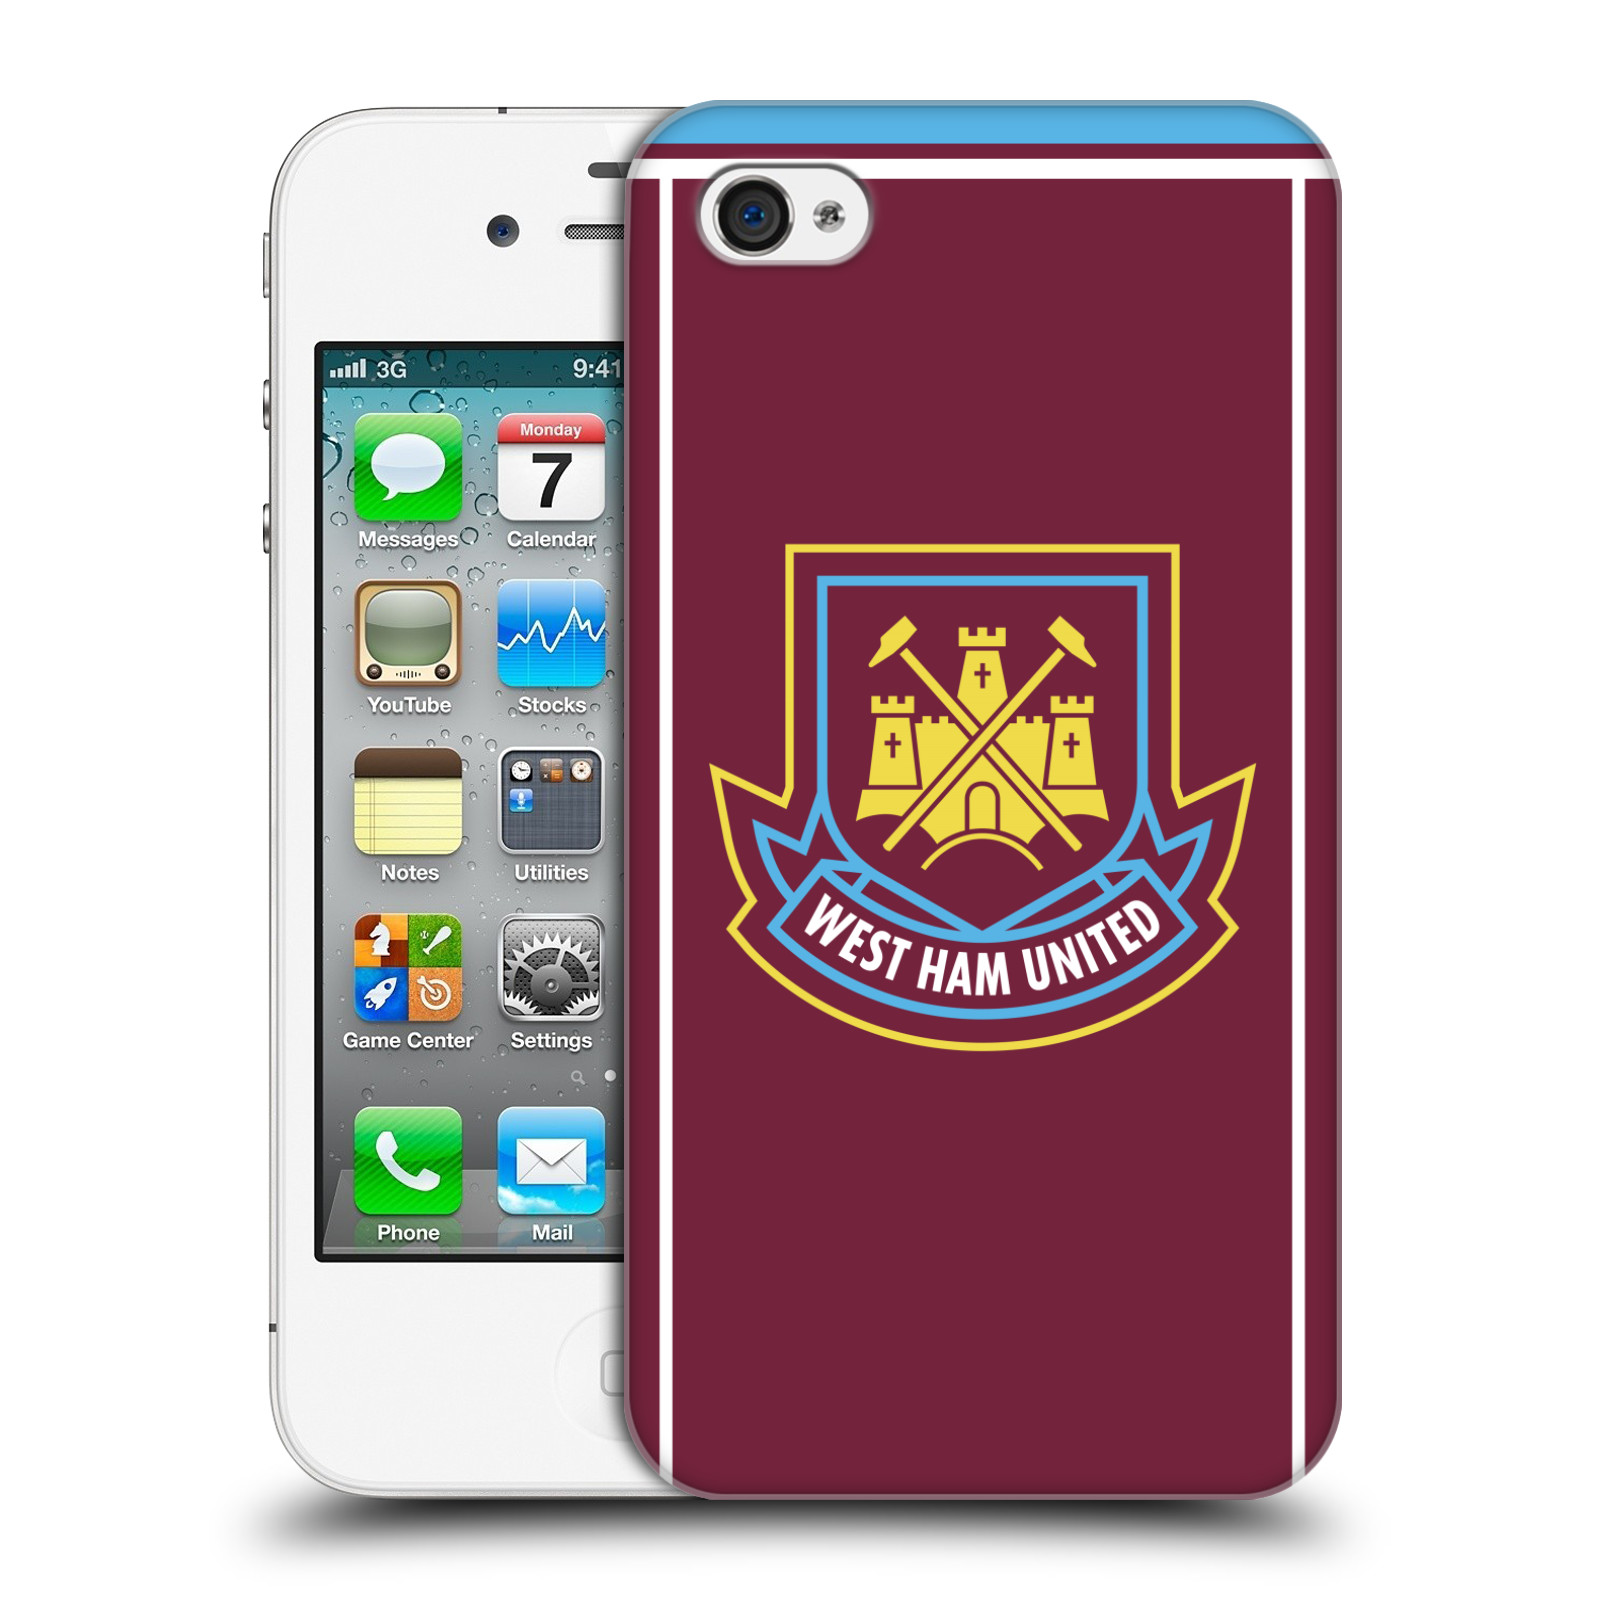 Plastové pouzdro na mobil Apple iPhone 4 a 4S - Head Case - West Ham United - Retro znak (Plastový kryt či obal na mobilní telefon s motivem West Ham United - Kladiváři - Retro znak pro Apple iPhone 4 a 4S)